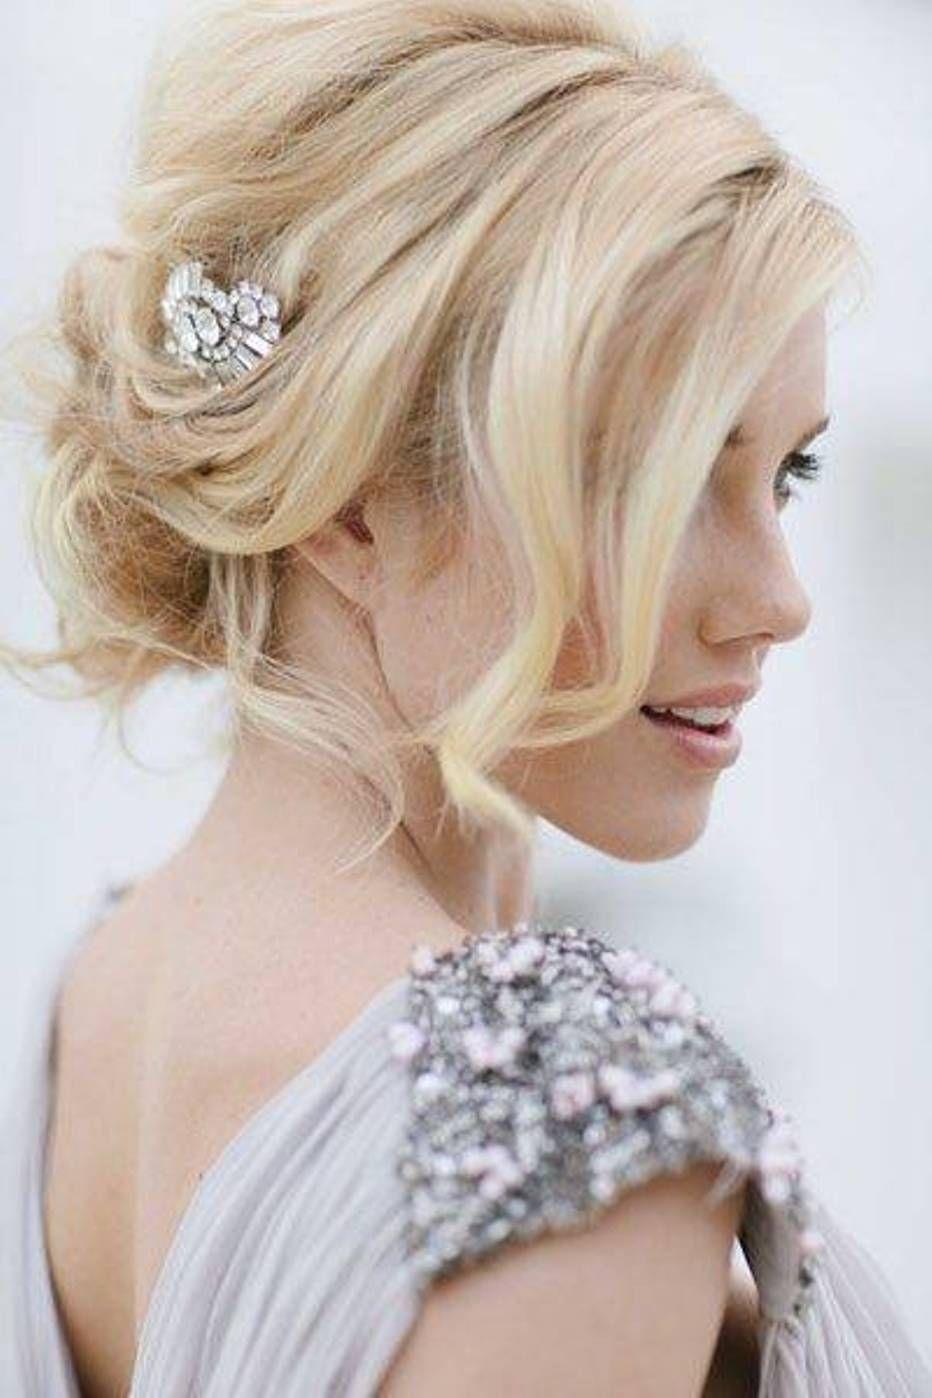 beach wedding hairstyles ideas for your wedding | wedding